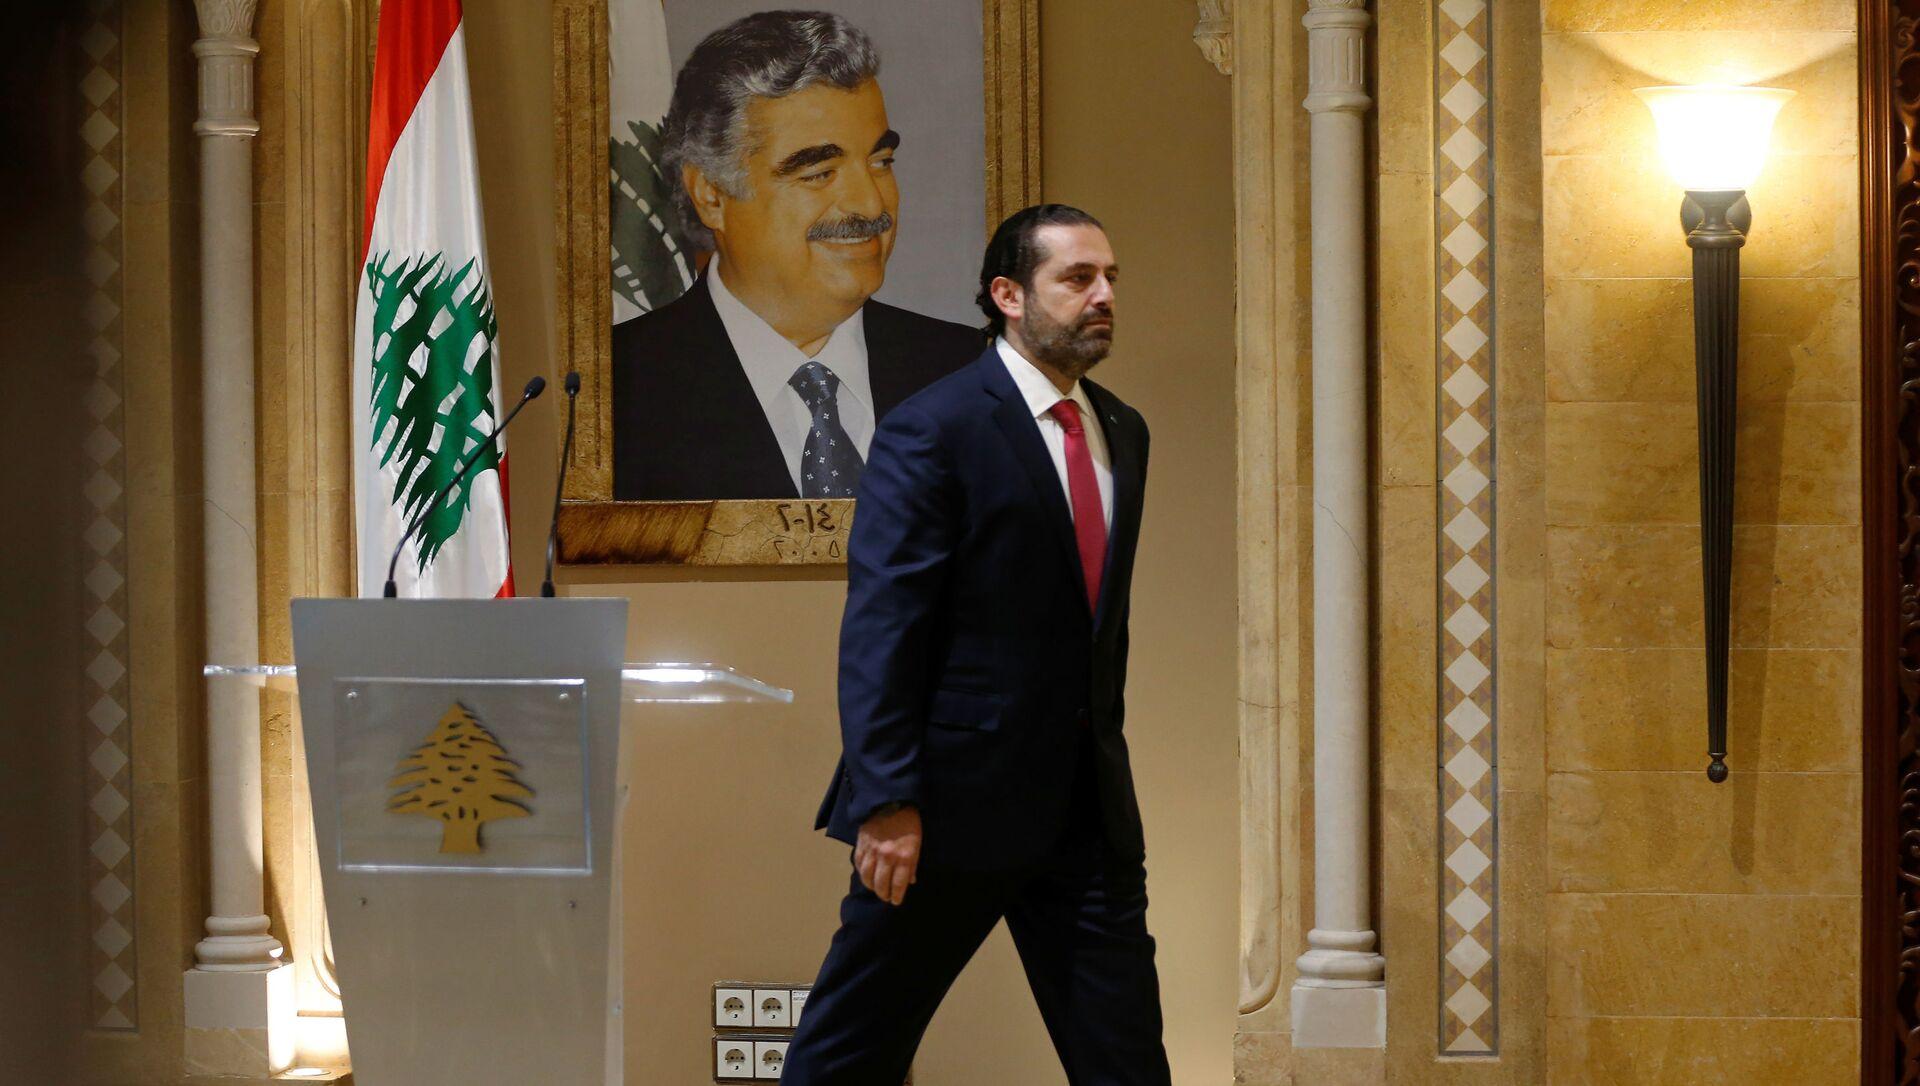 Suikasta kurban giden babası Refik Hariri'nin portresi önünde başbakanlıktan istifasını sunacağını açıklayan Saad Hariri, salondan çıkarken - Sputnik Türkiye, 1920, 15.07.2021